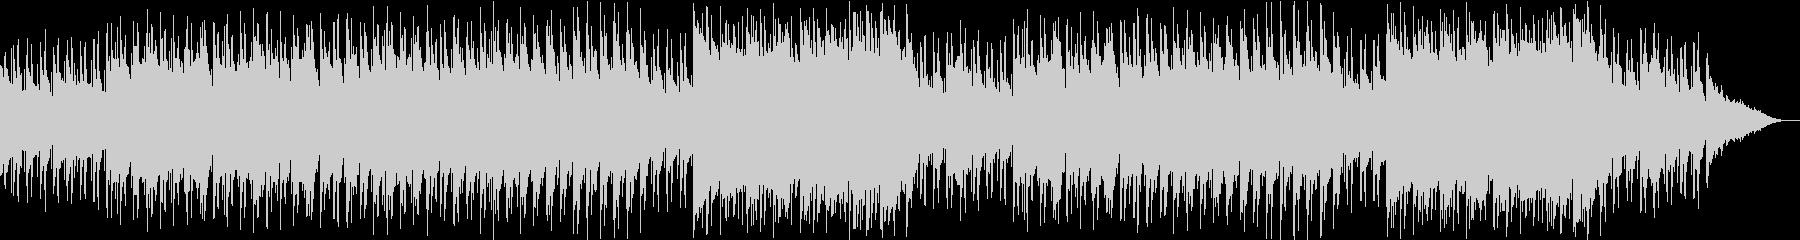 不思議な森、幻想的な雰囲気の3拍子BGMの未再生の波形